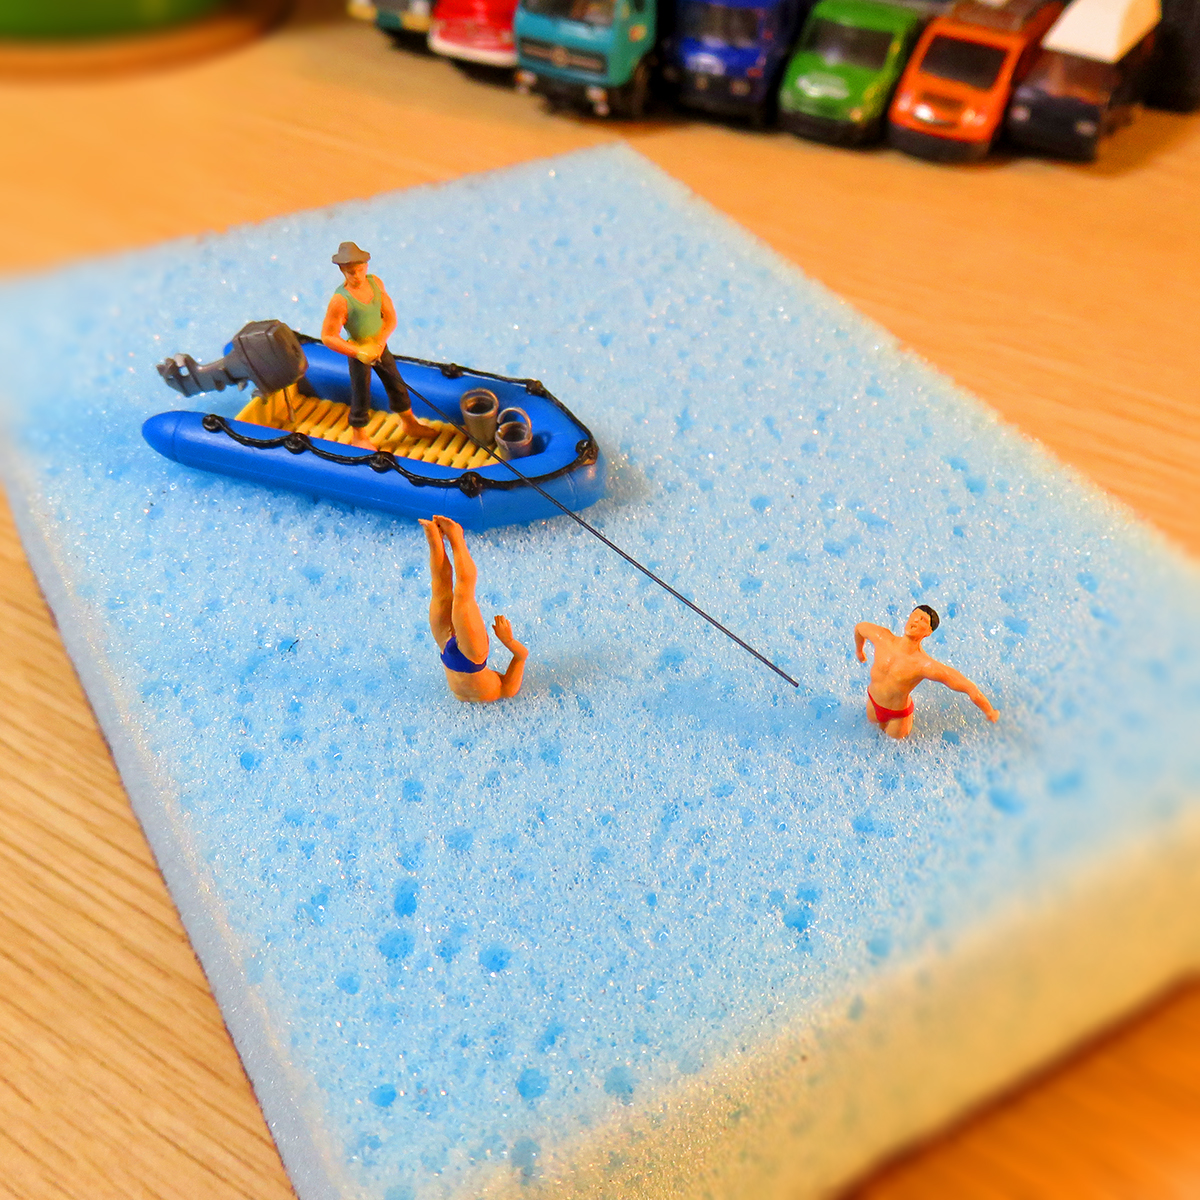 スポンジ湖で釣りをする釣り人と泳ぎ釣られる海パン野郎